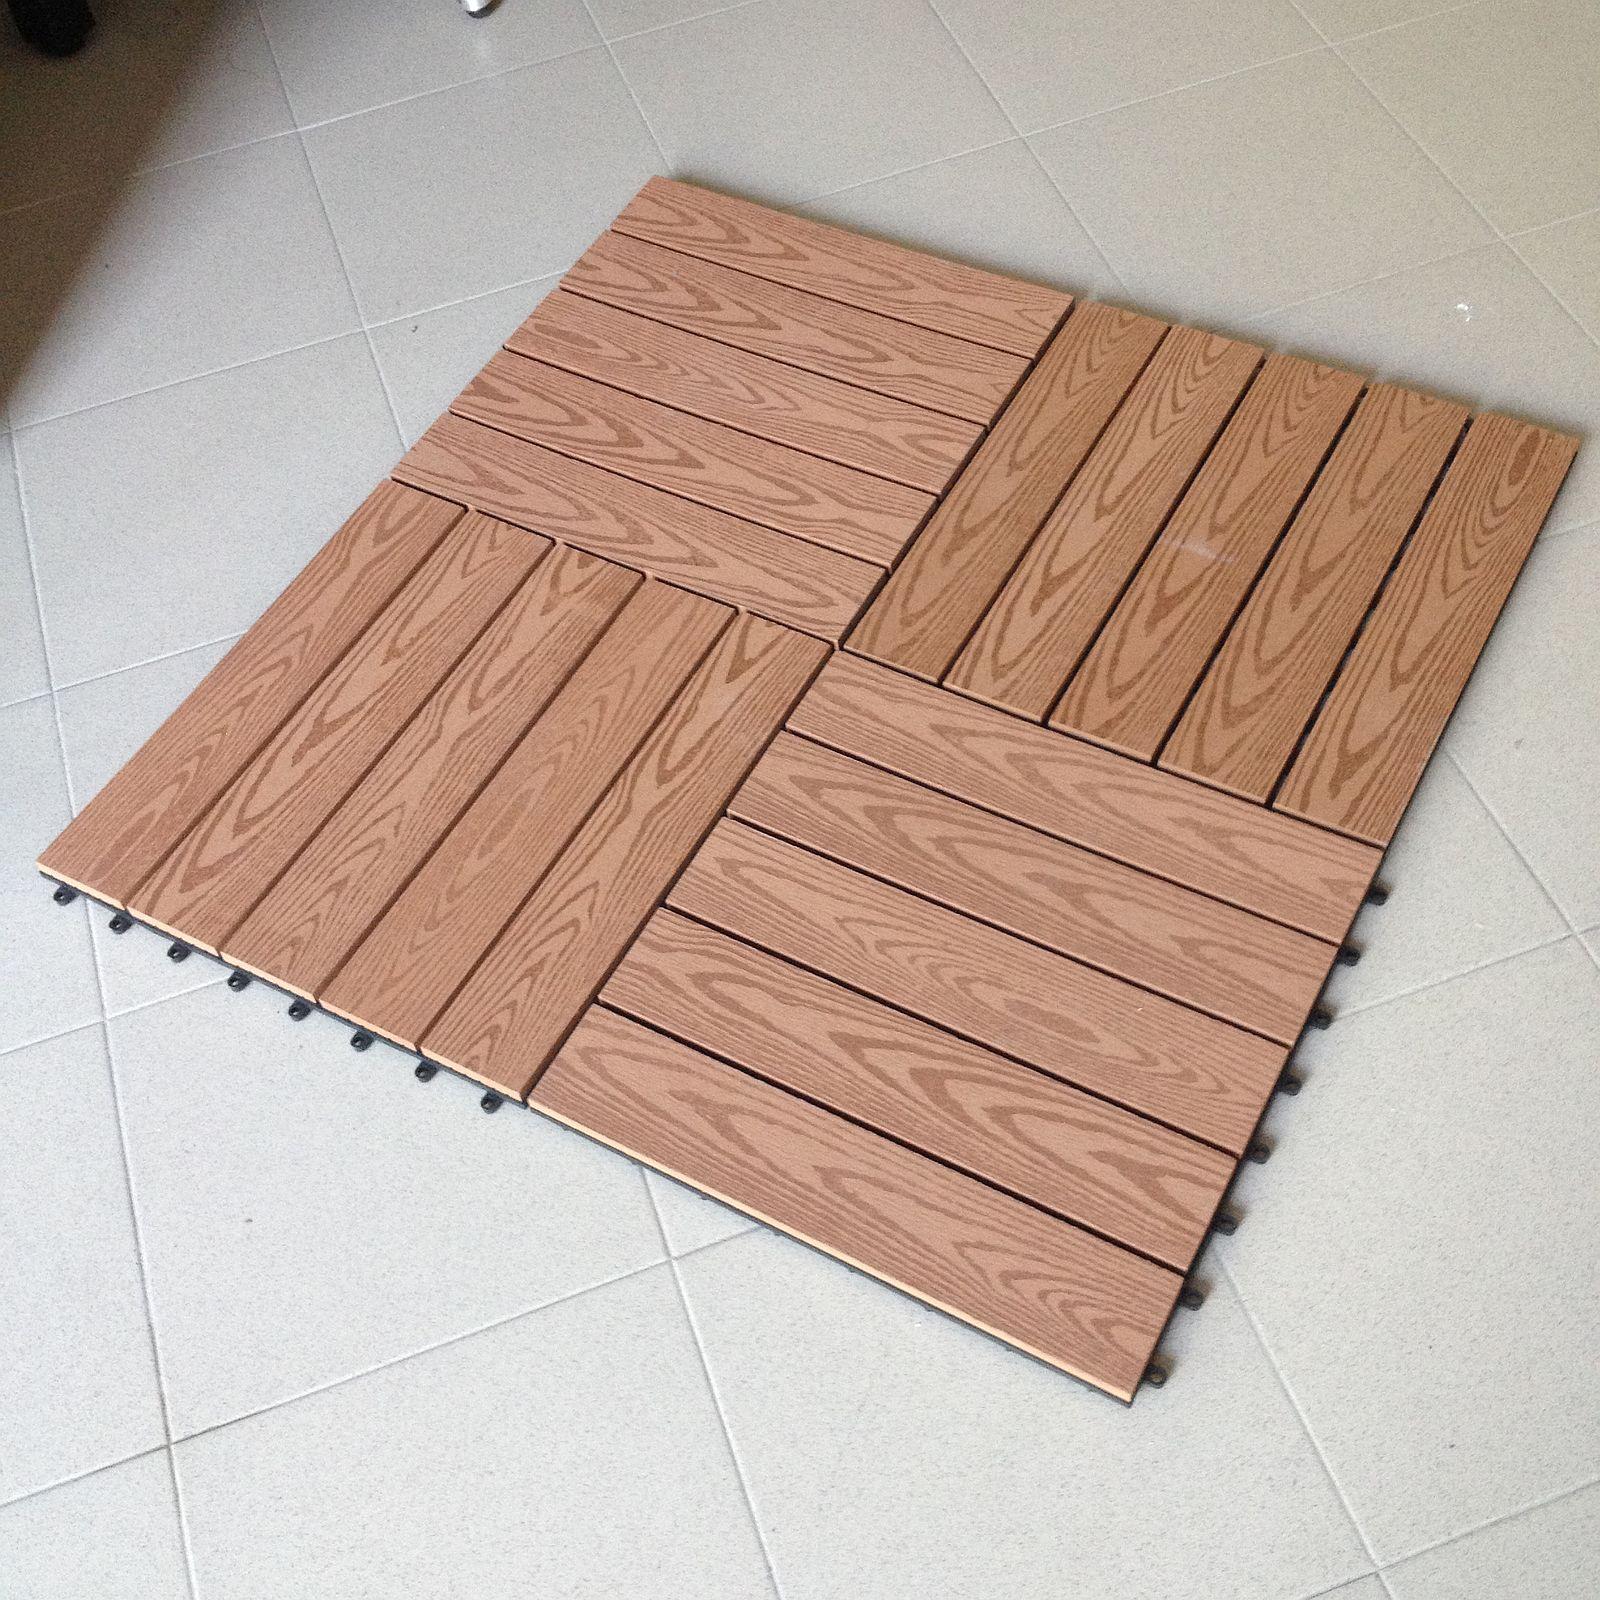 Campione di mattonella in wpc pavimento legno composito e plastica pvc - Pavimento pvc esterno ...